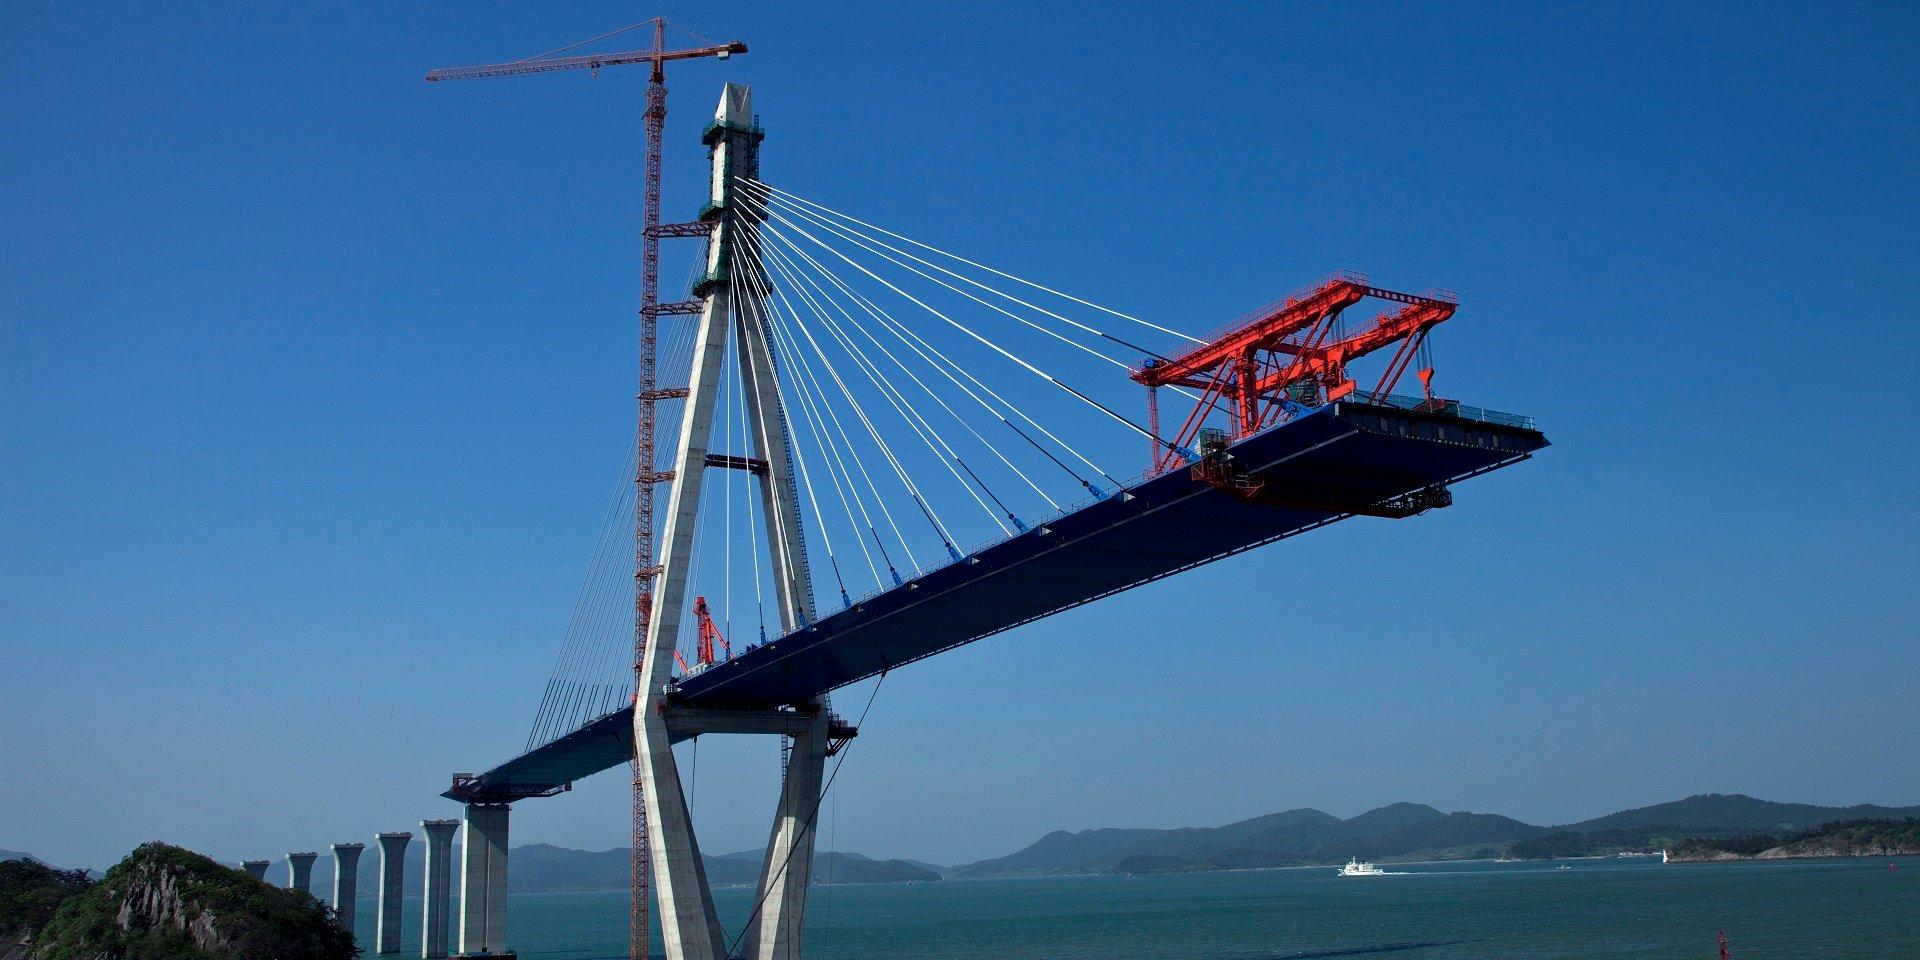 bridge_in_contruction_1920x960